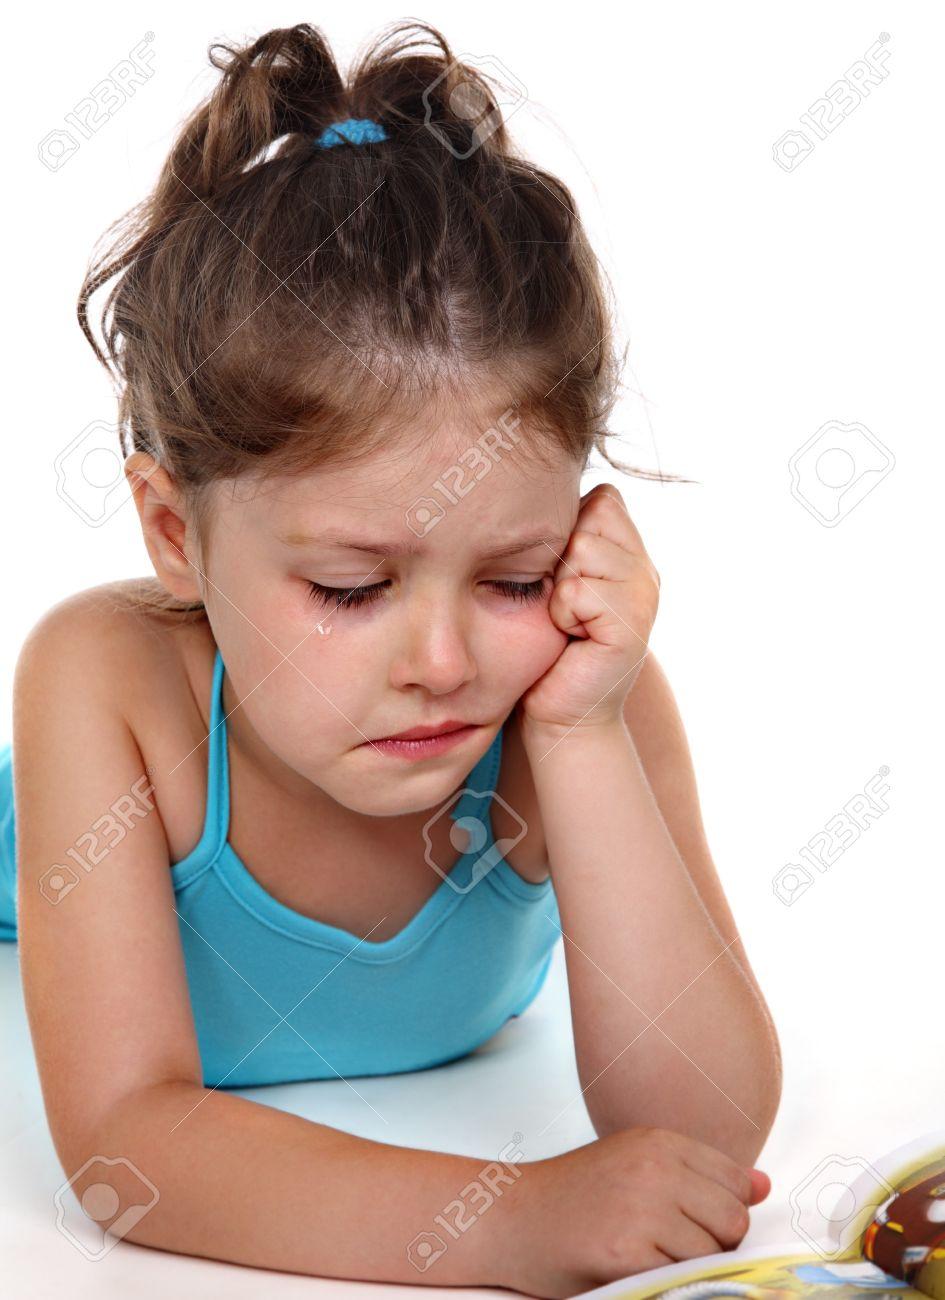 little naked girl Stock Photo - Little girl in tears